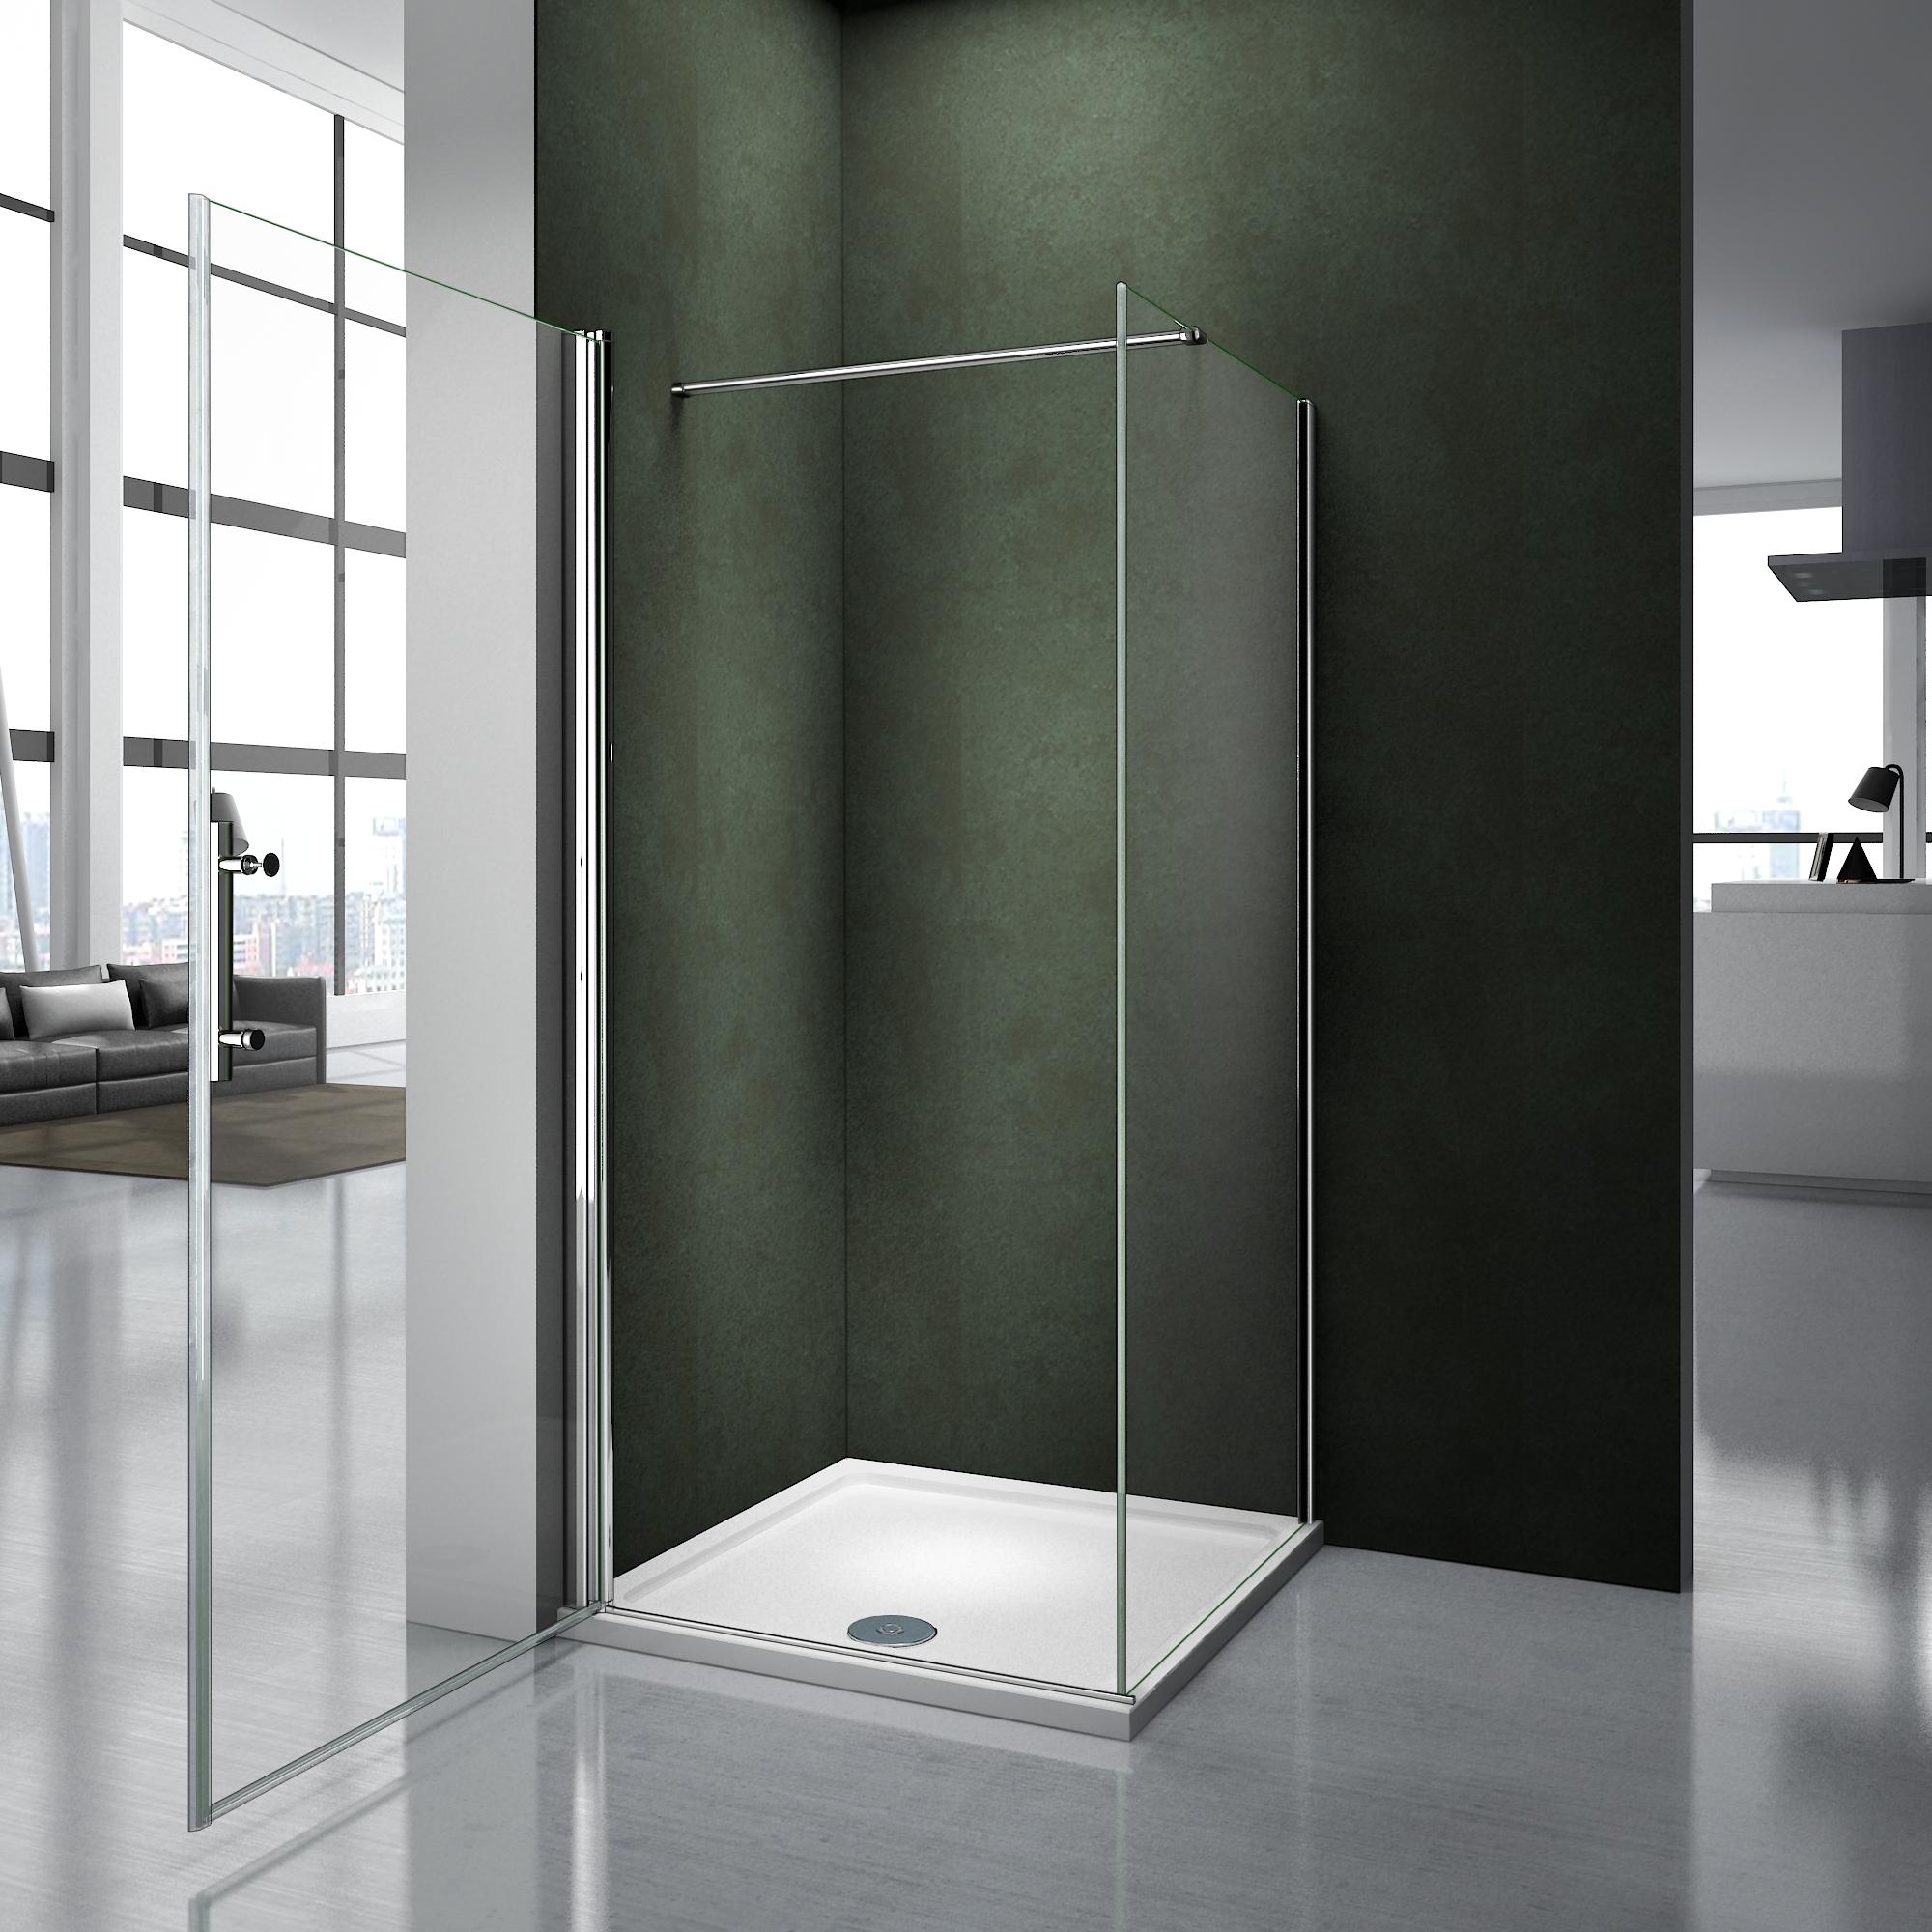 80x80x195cm porte pivotante porte de douche paroi de. Black Bedroom Furniture Sets. Home Design Ideas